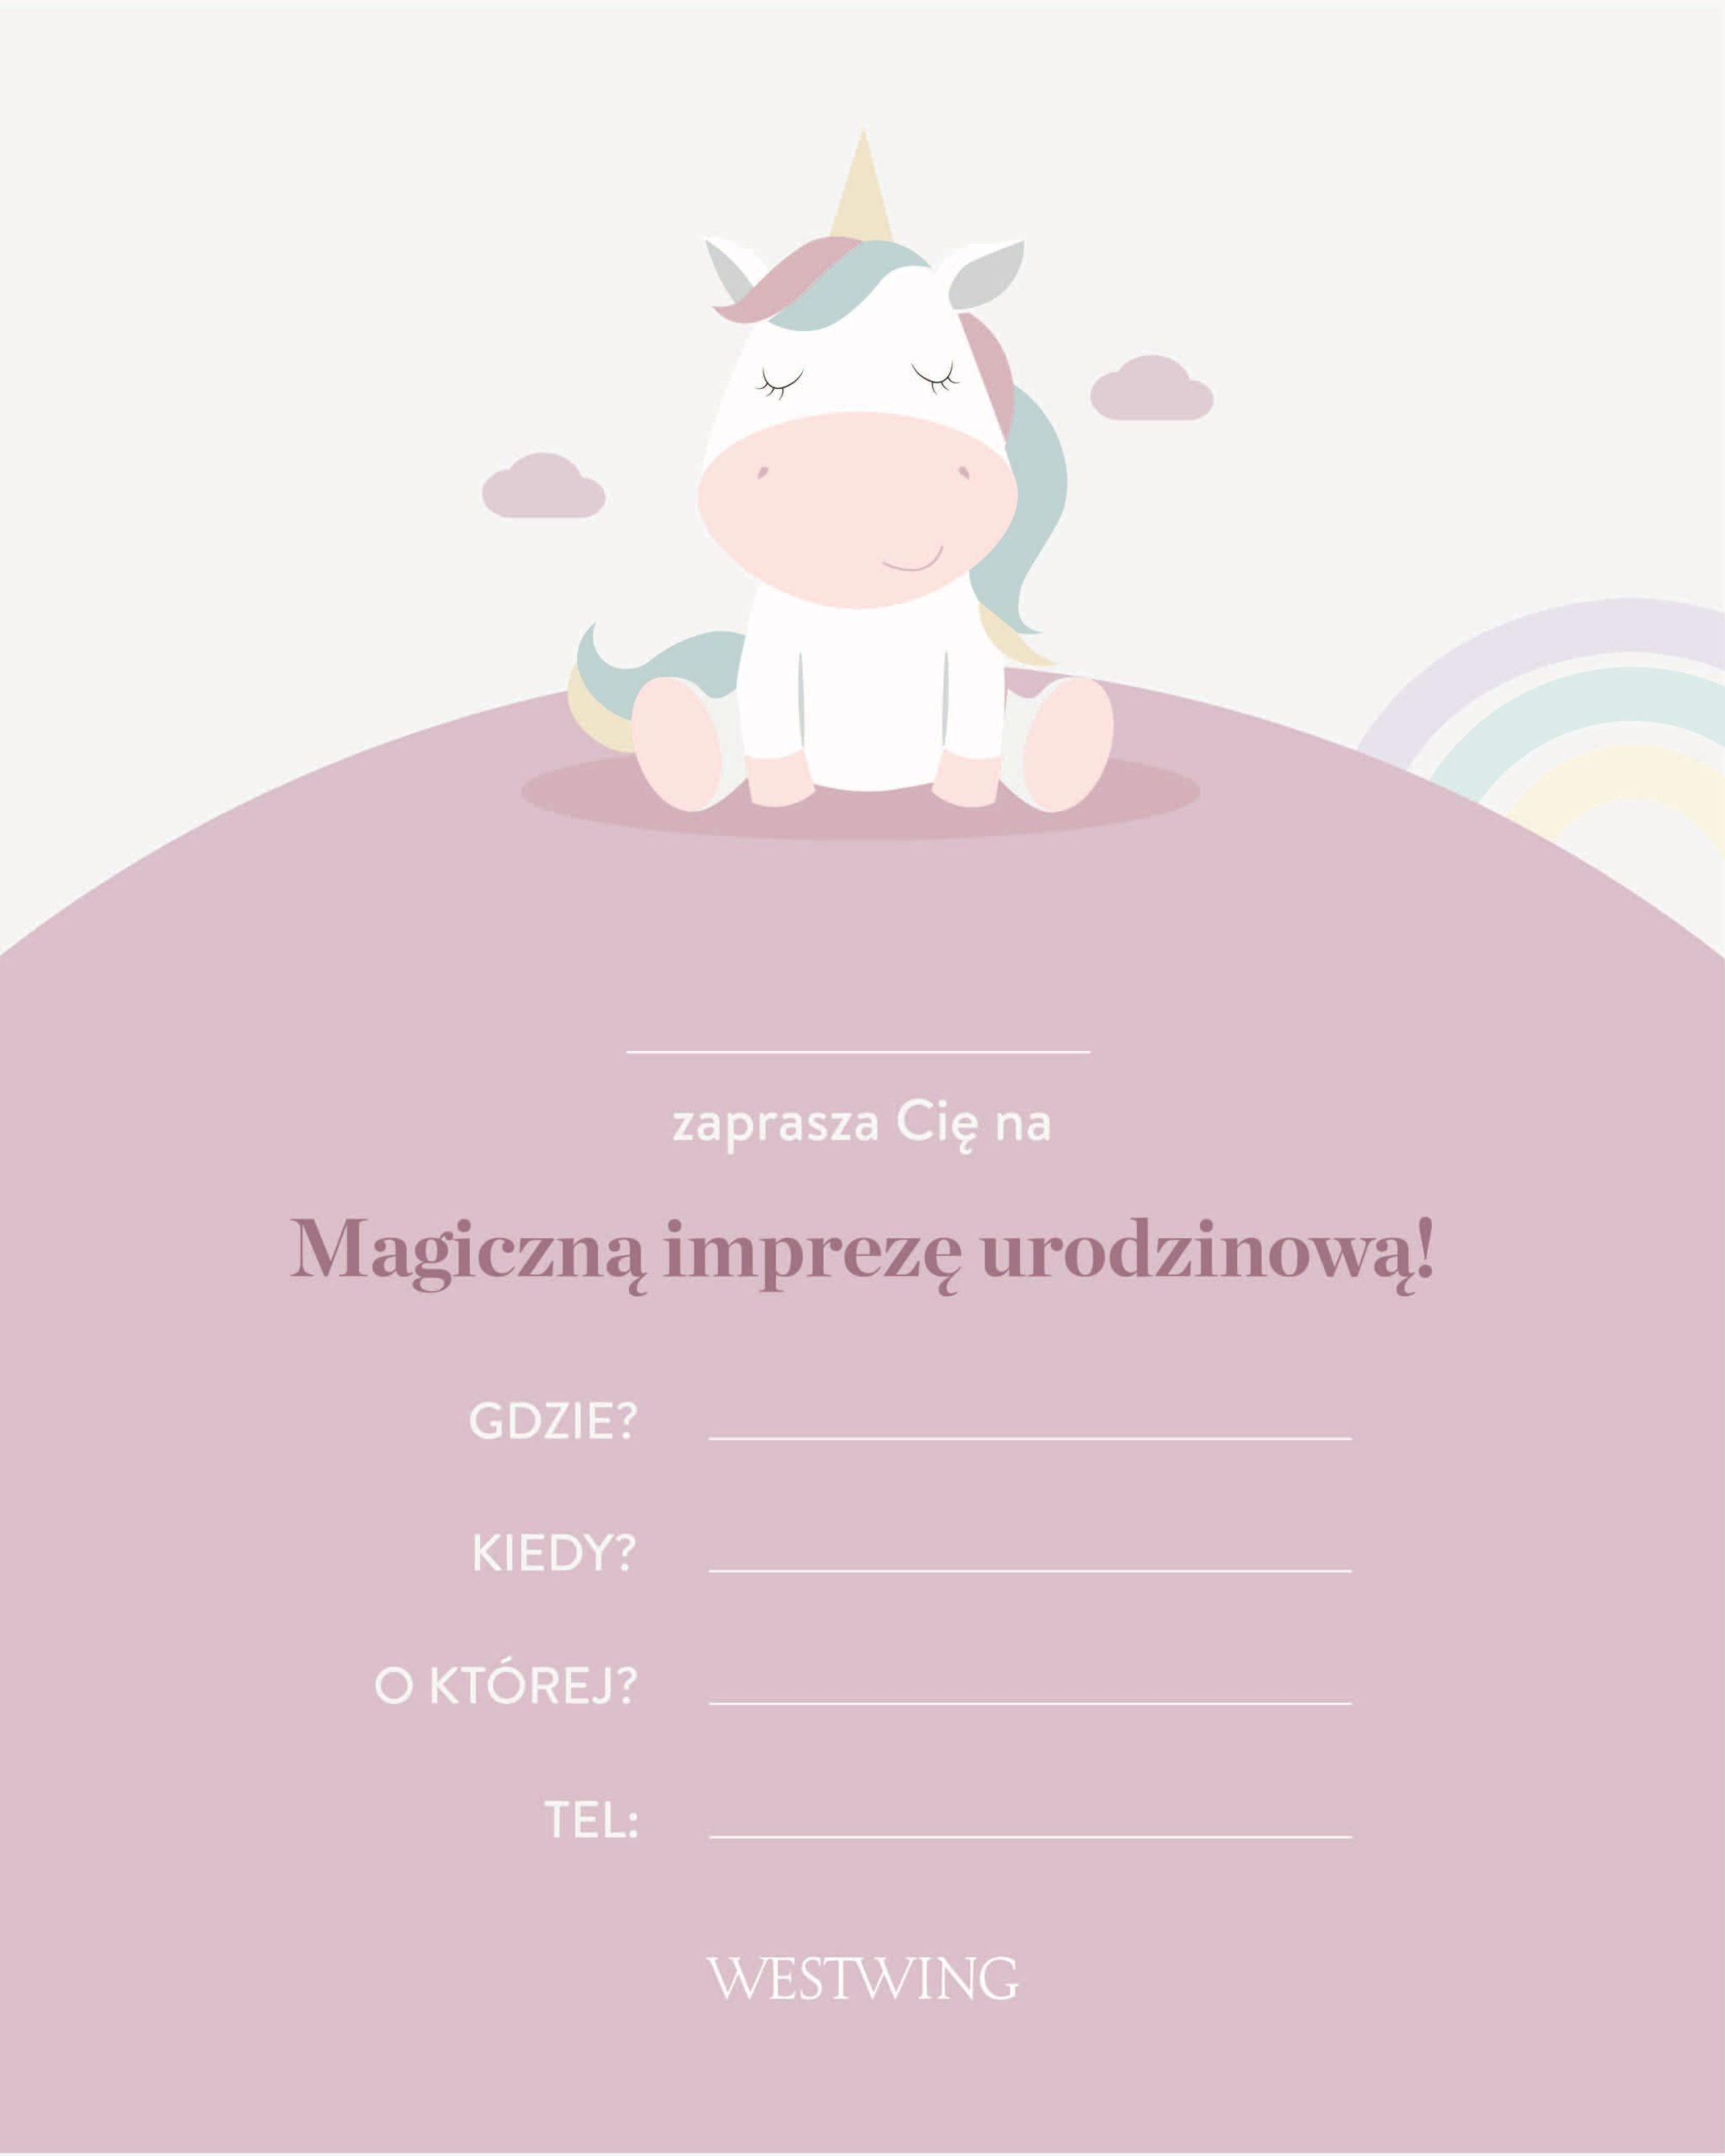 zaproszenie do wydrukowania z motywem jednorożca na urodziny dla dzieci